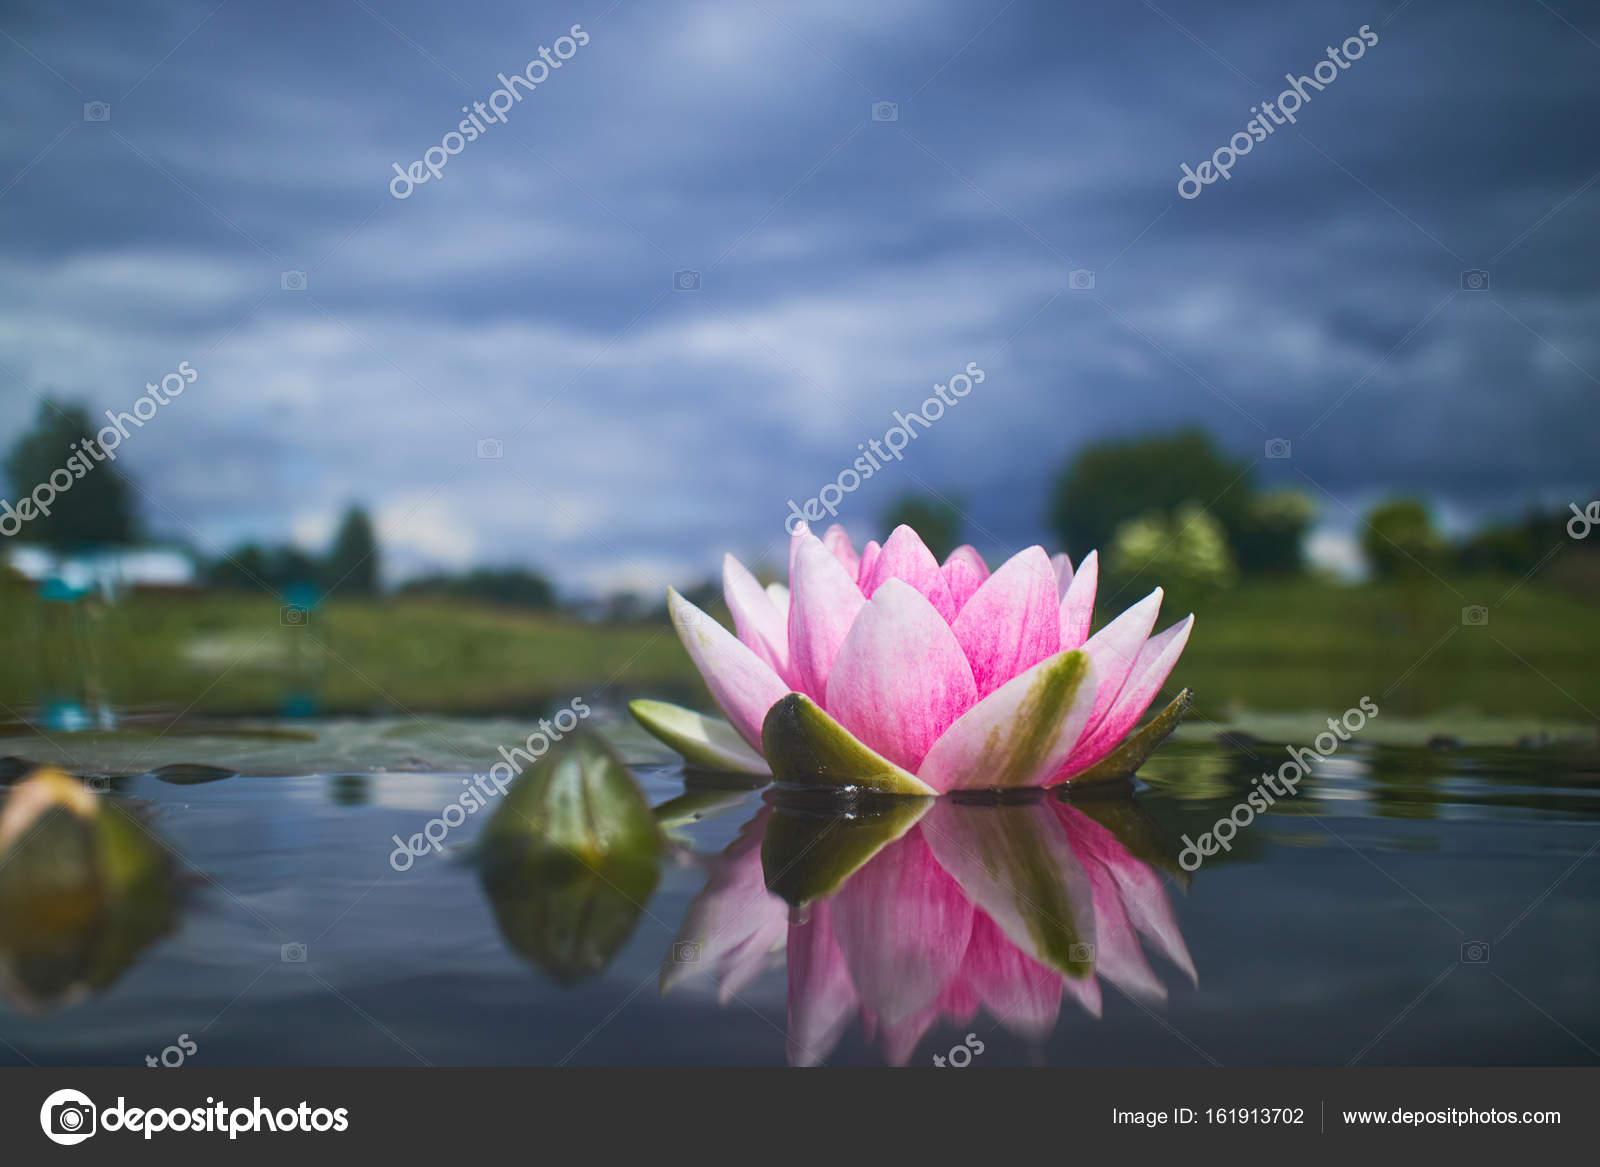 Lotus Flower In Pond Stock Photo Strelok 161913702